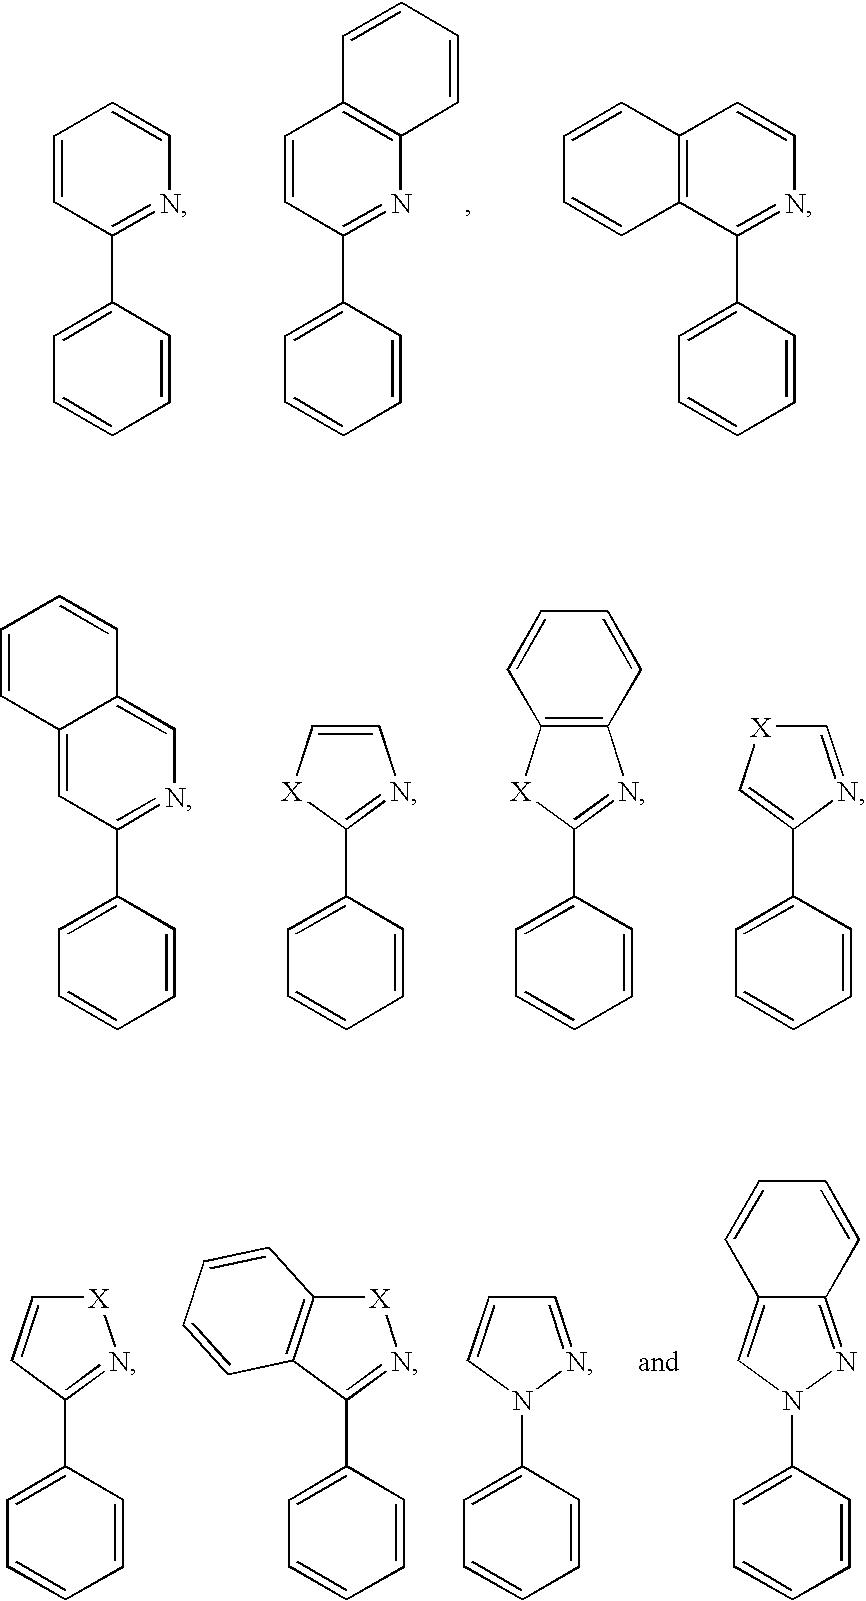 Figure US20100090591A1-20100415-C00011